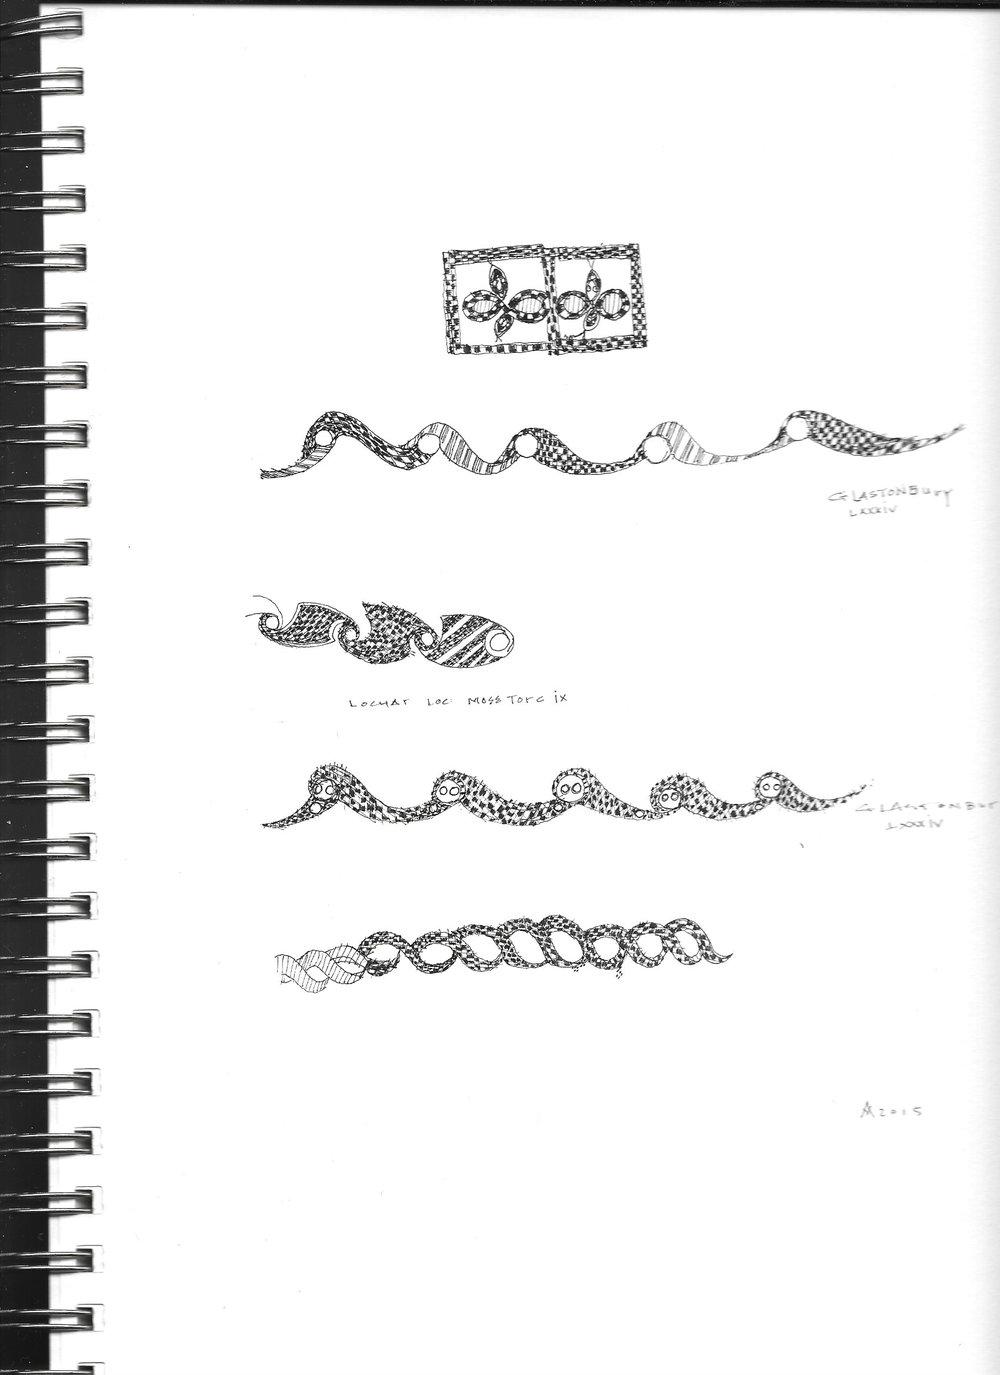 2-63.jpg